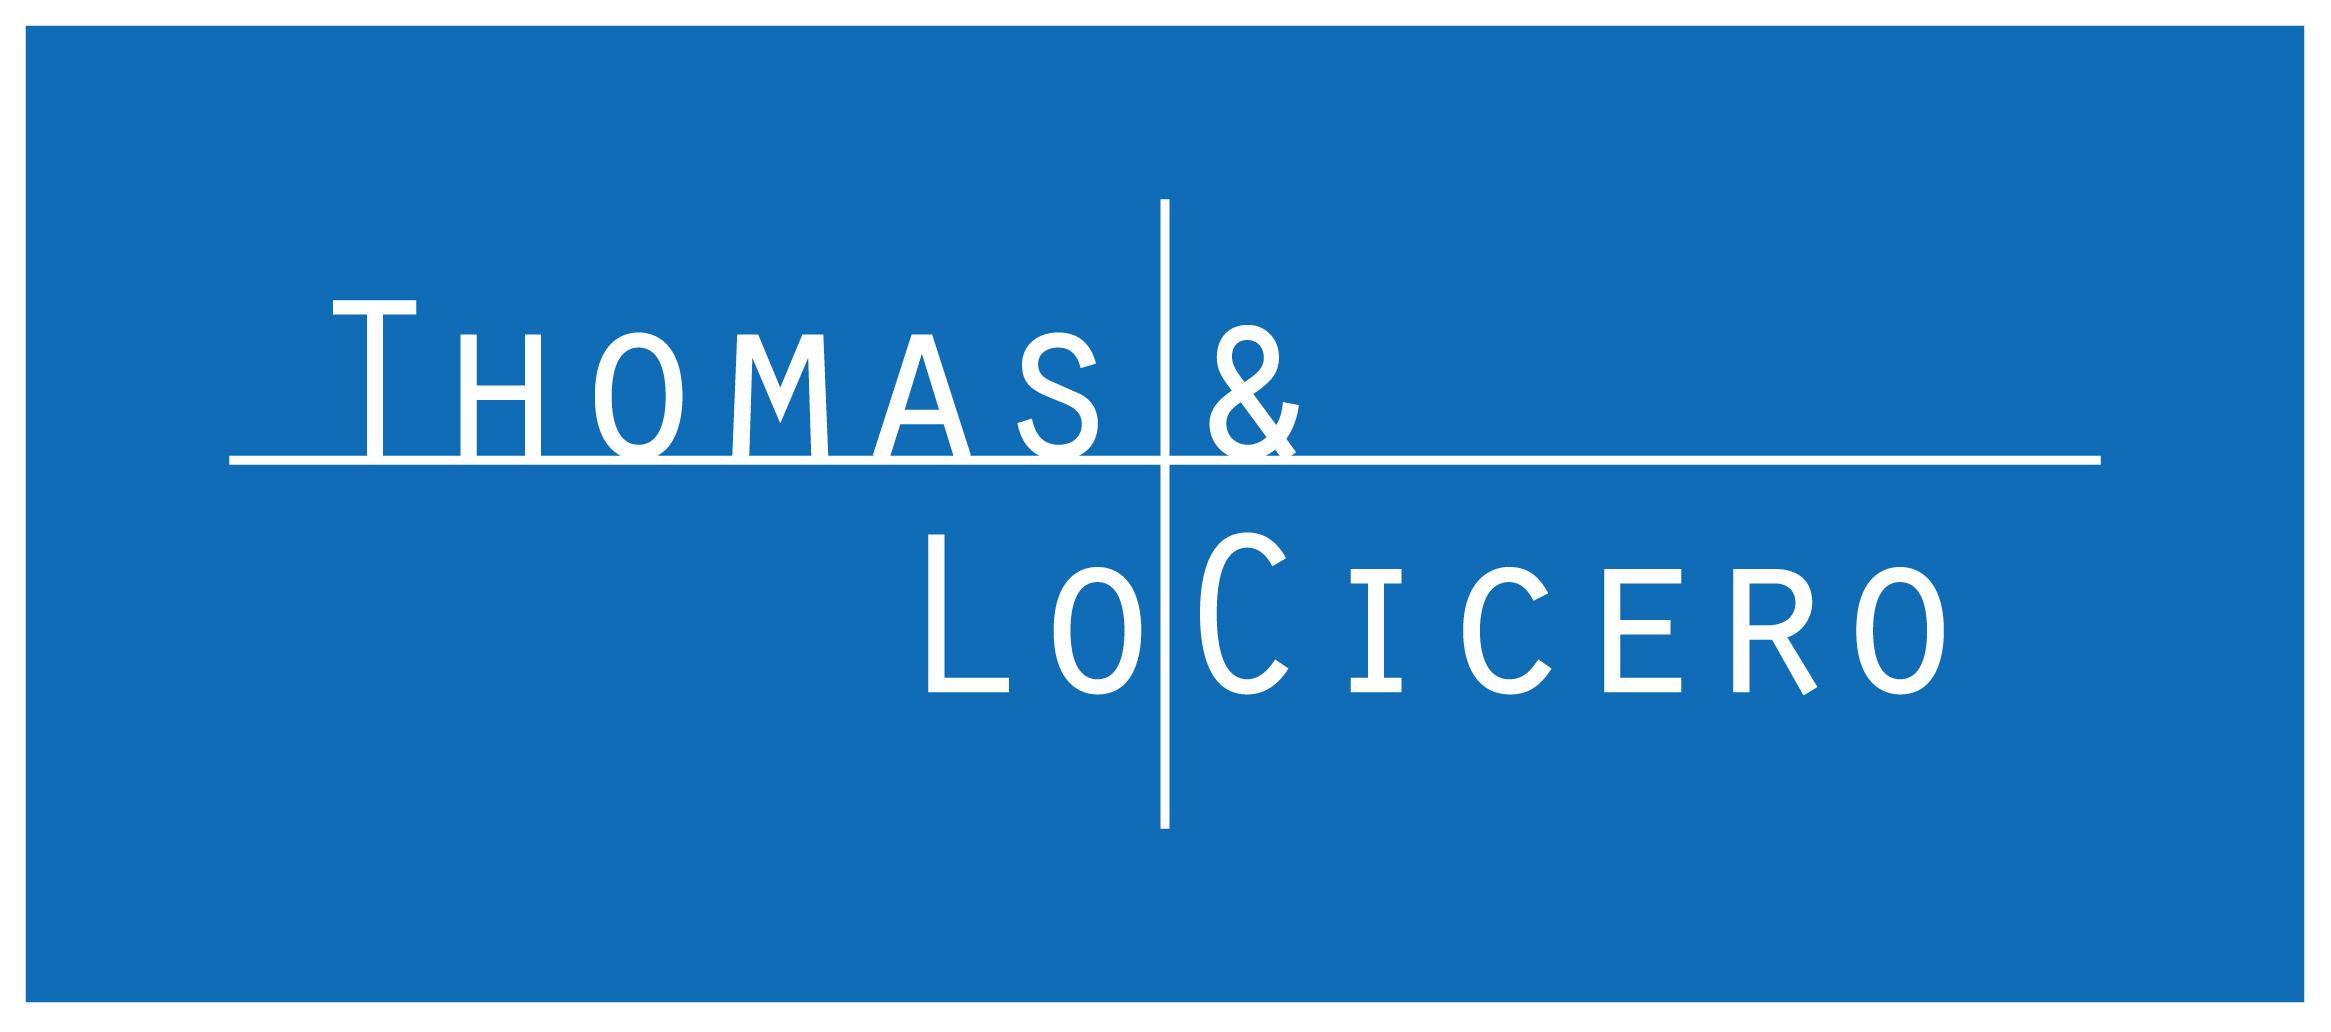 Thomas__LoCicero